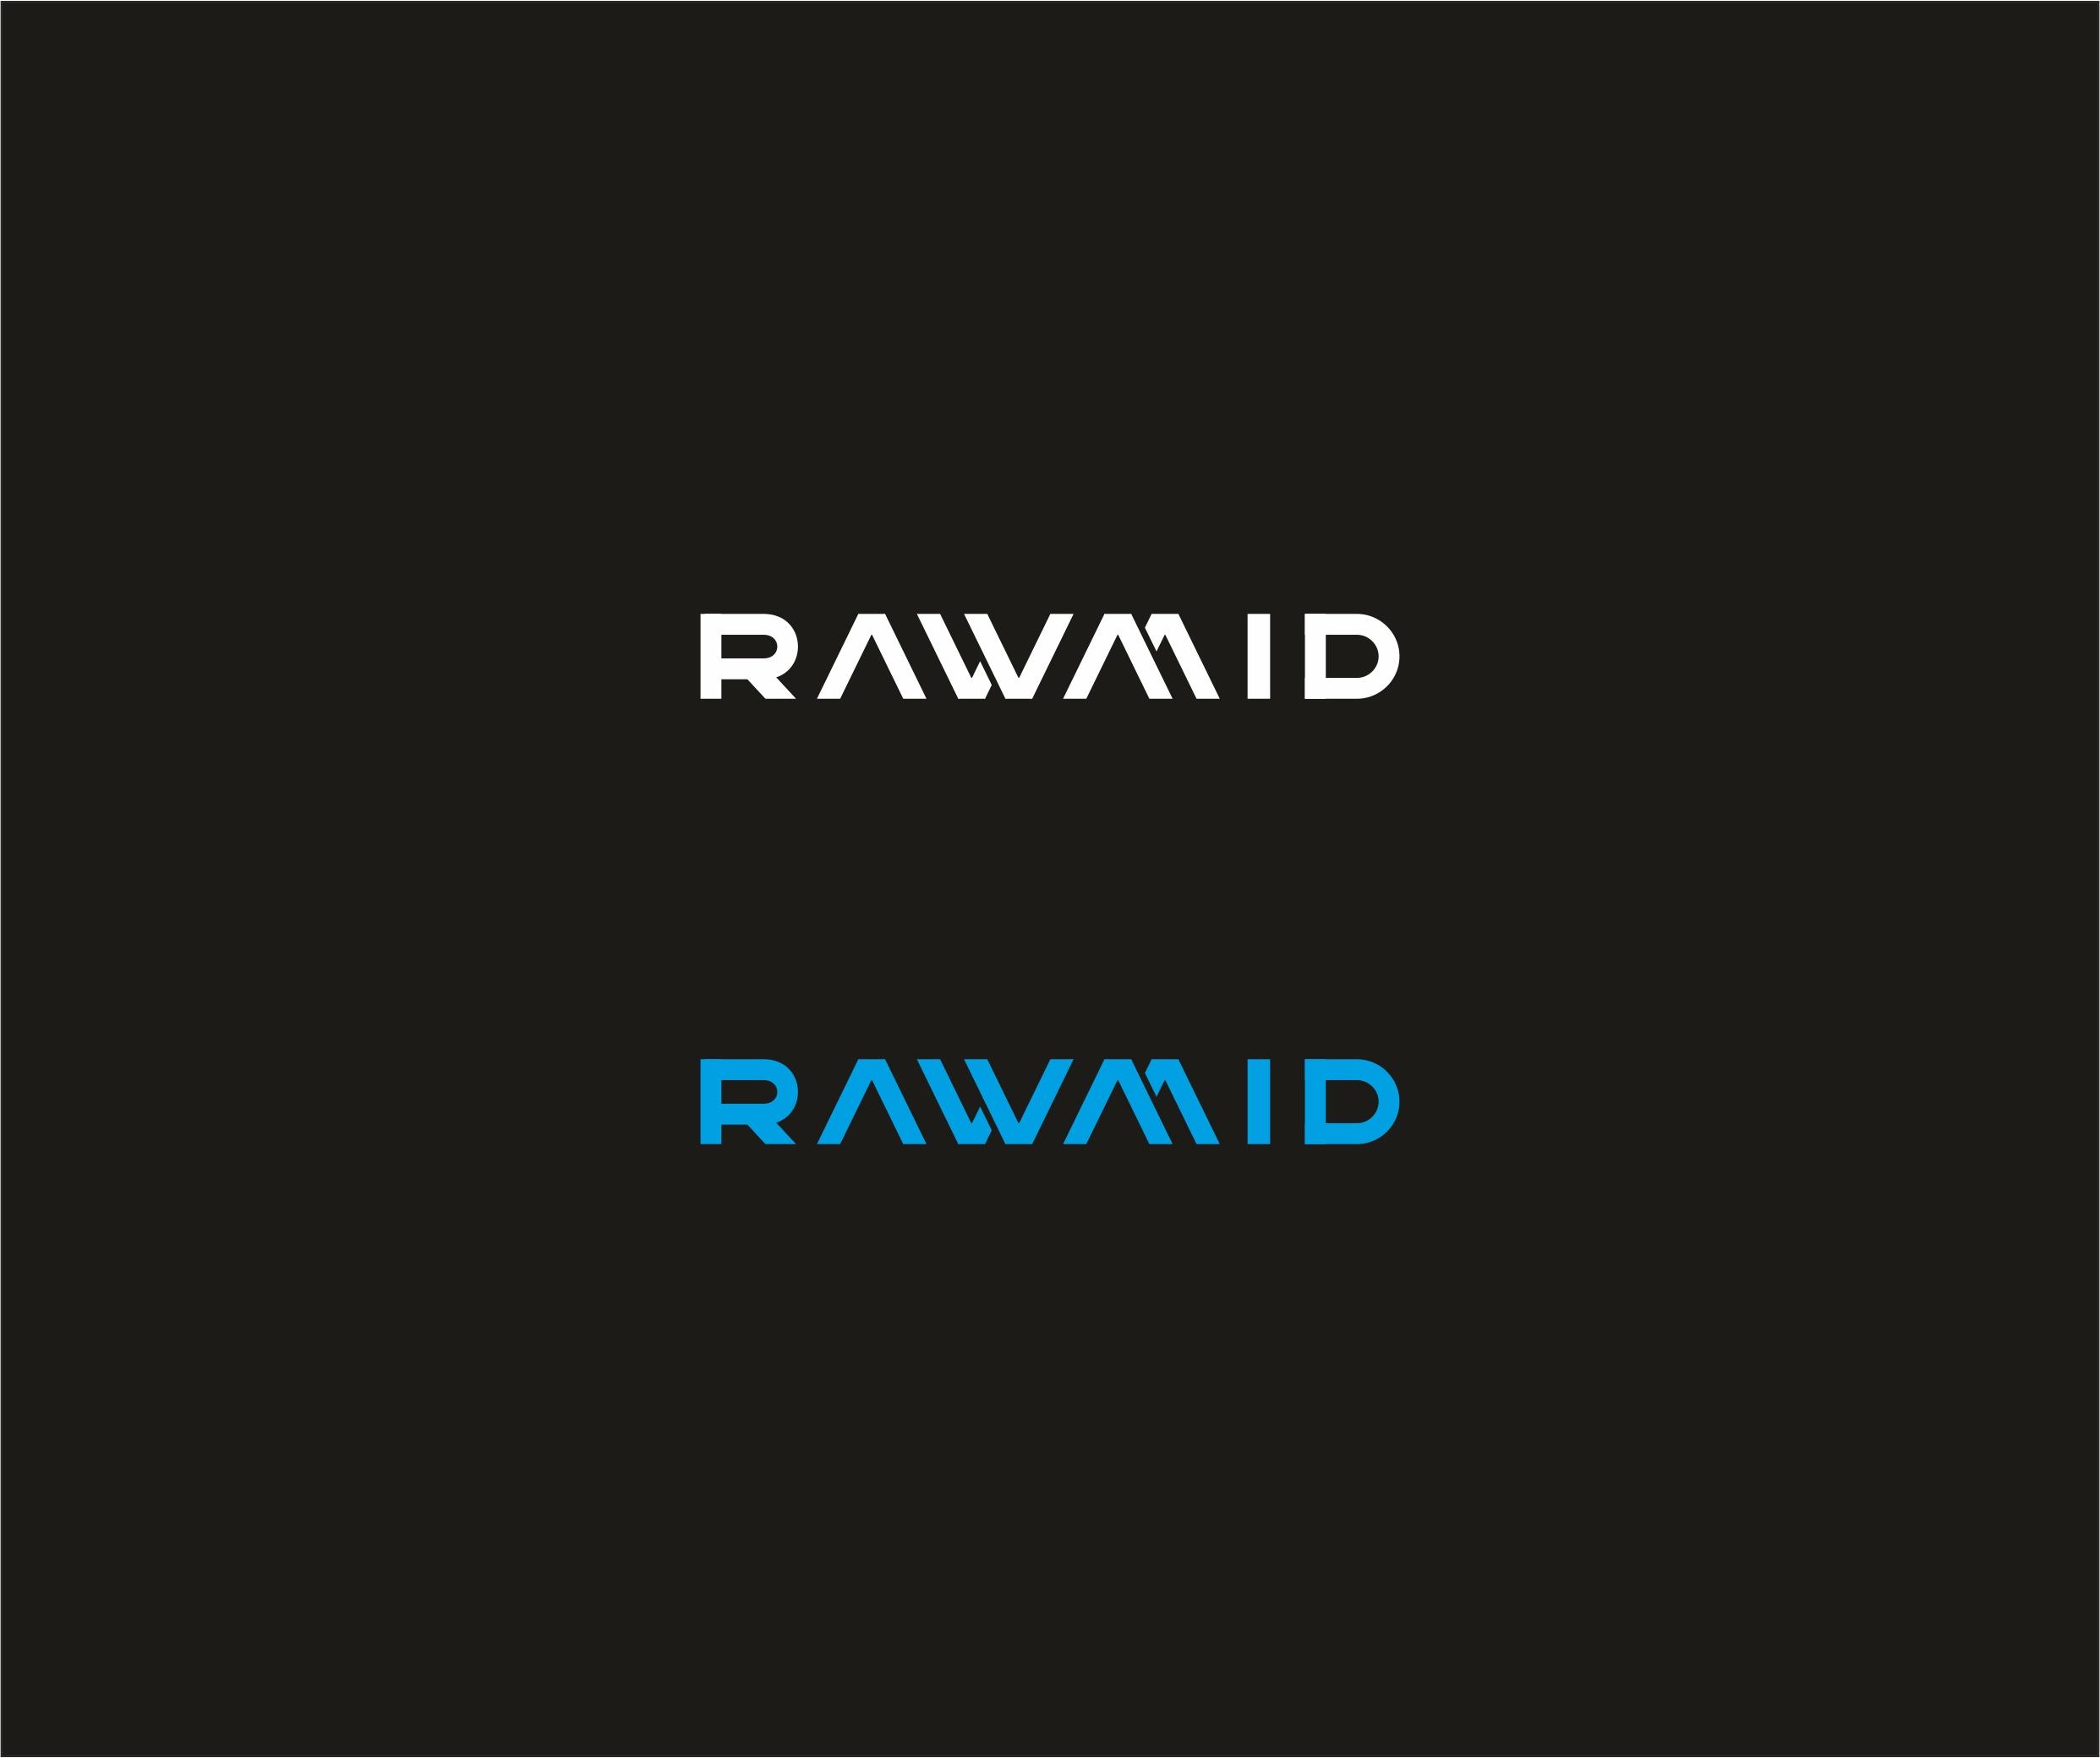 Создать логотип (буквенная часть) для бренда бытовой техники фото f_0435b33cc4872c6e.jpg